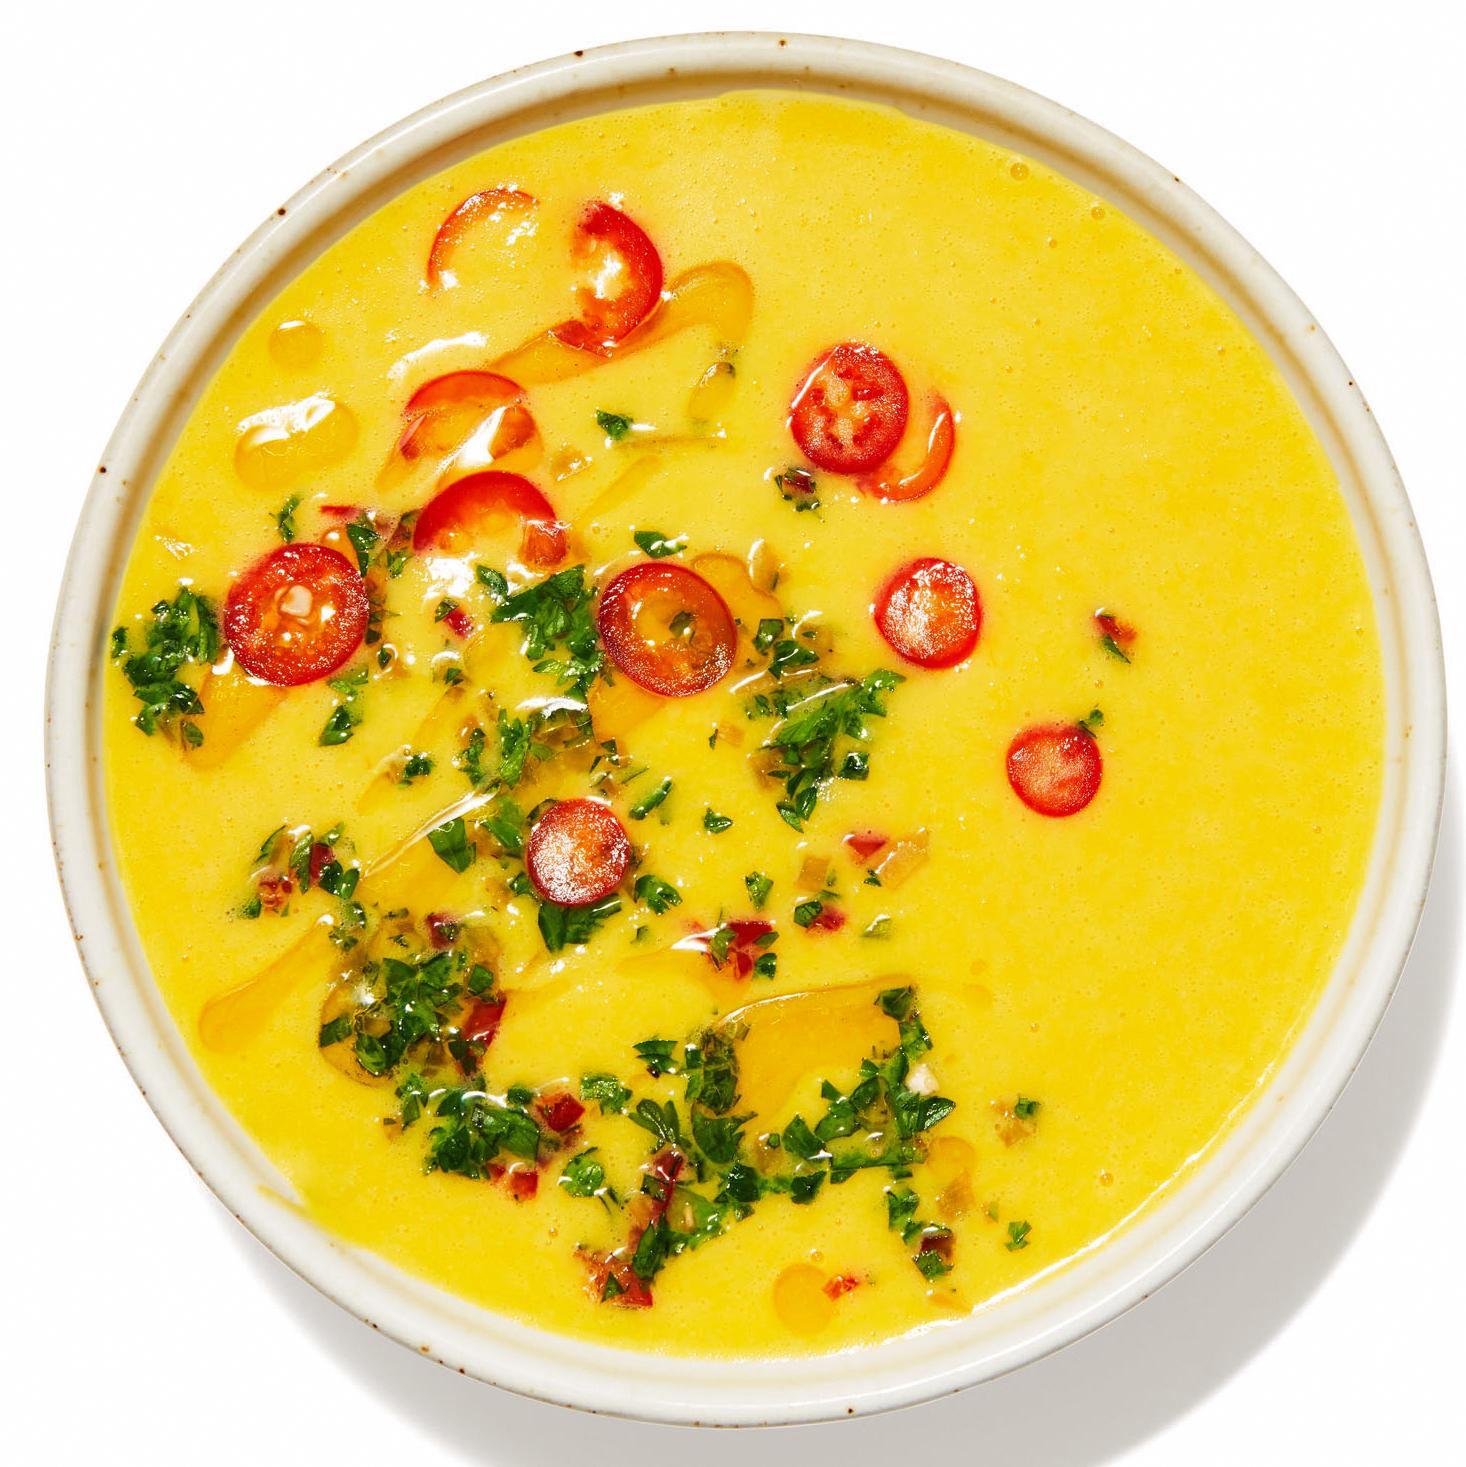 Saffron-Corn Soup in bowl